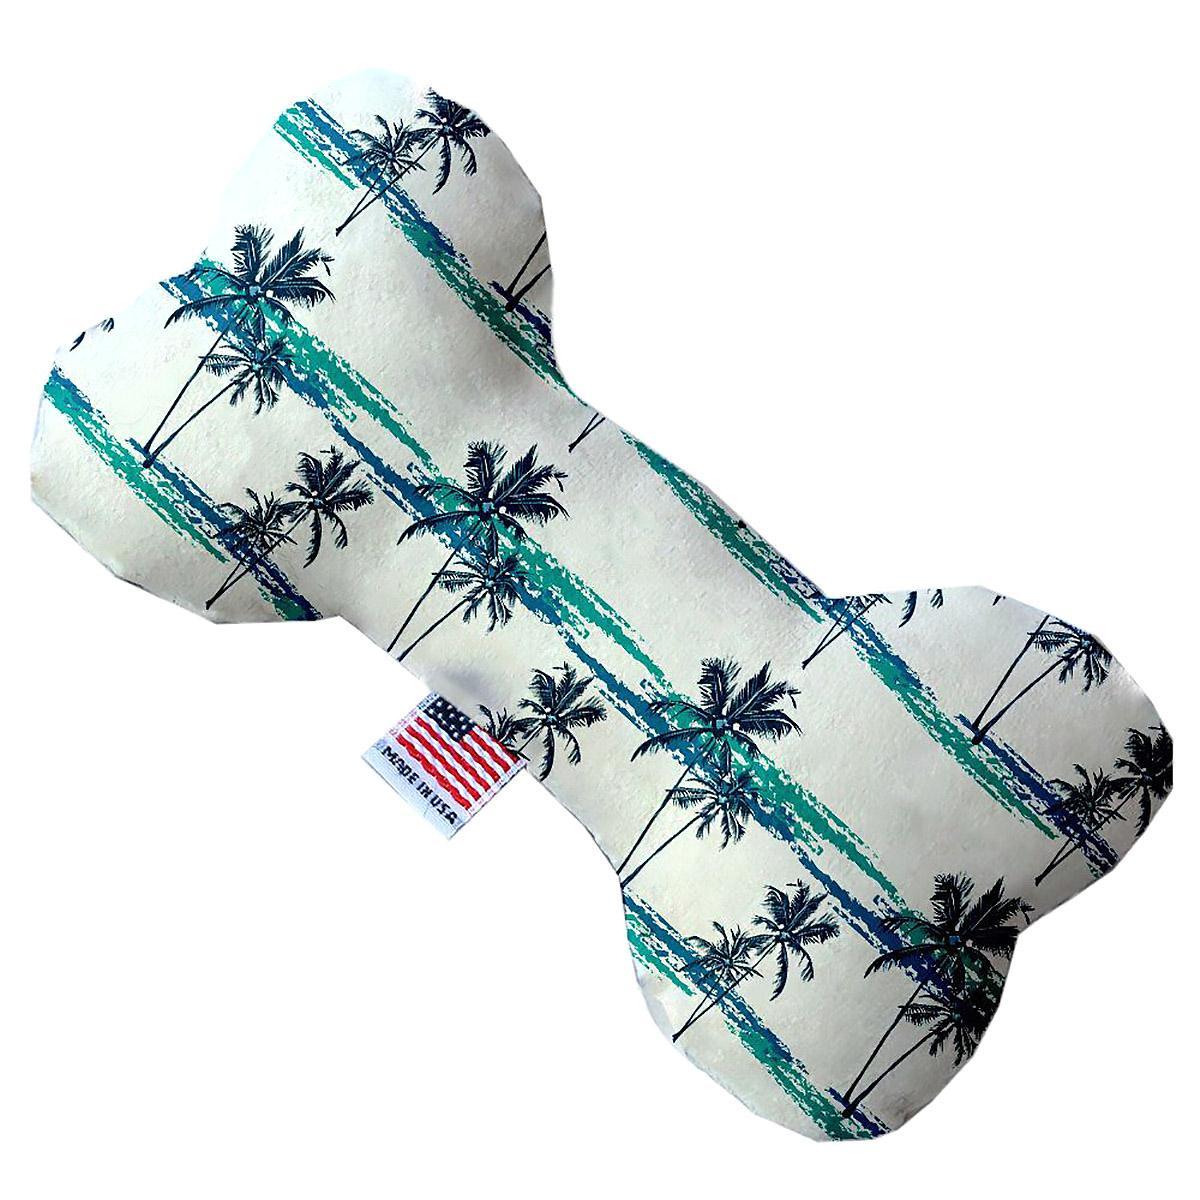 Bone Dog Toy - Palm Tree Paradise